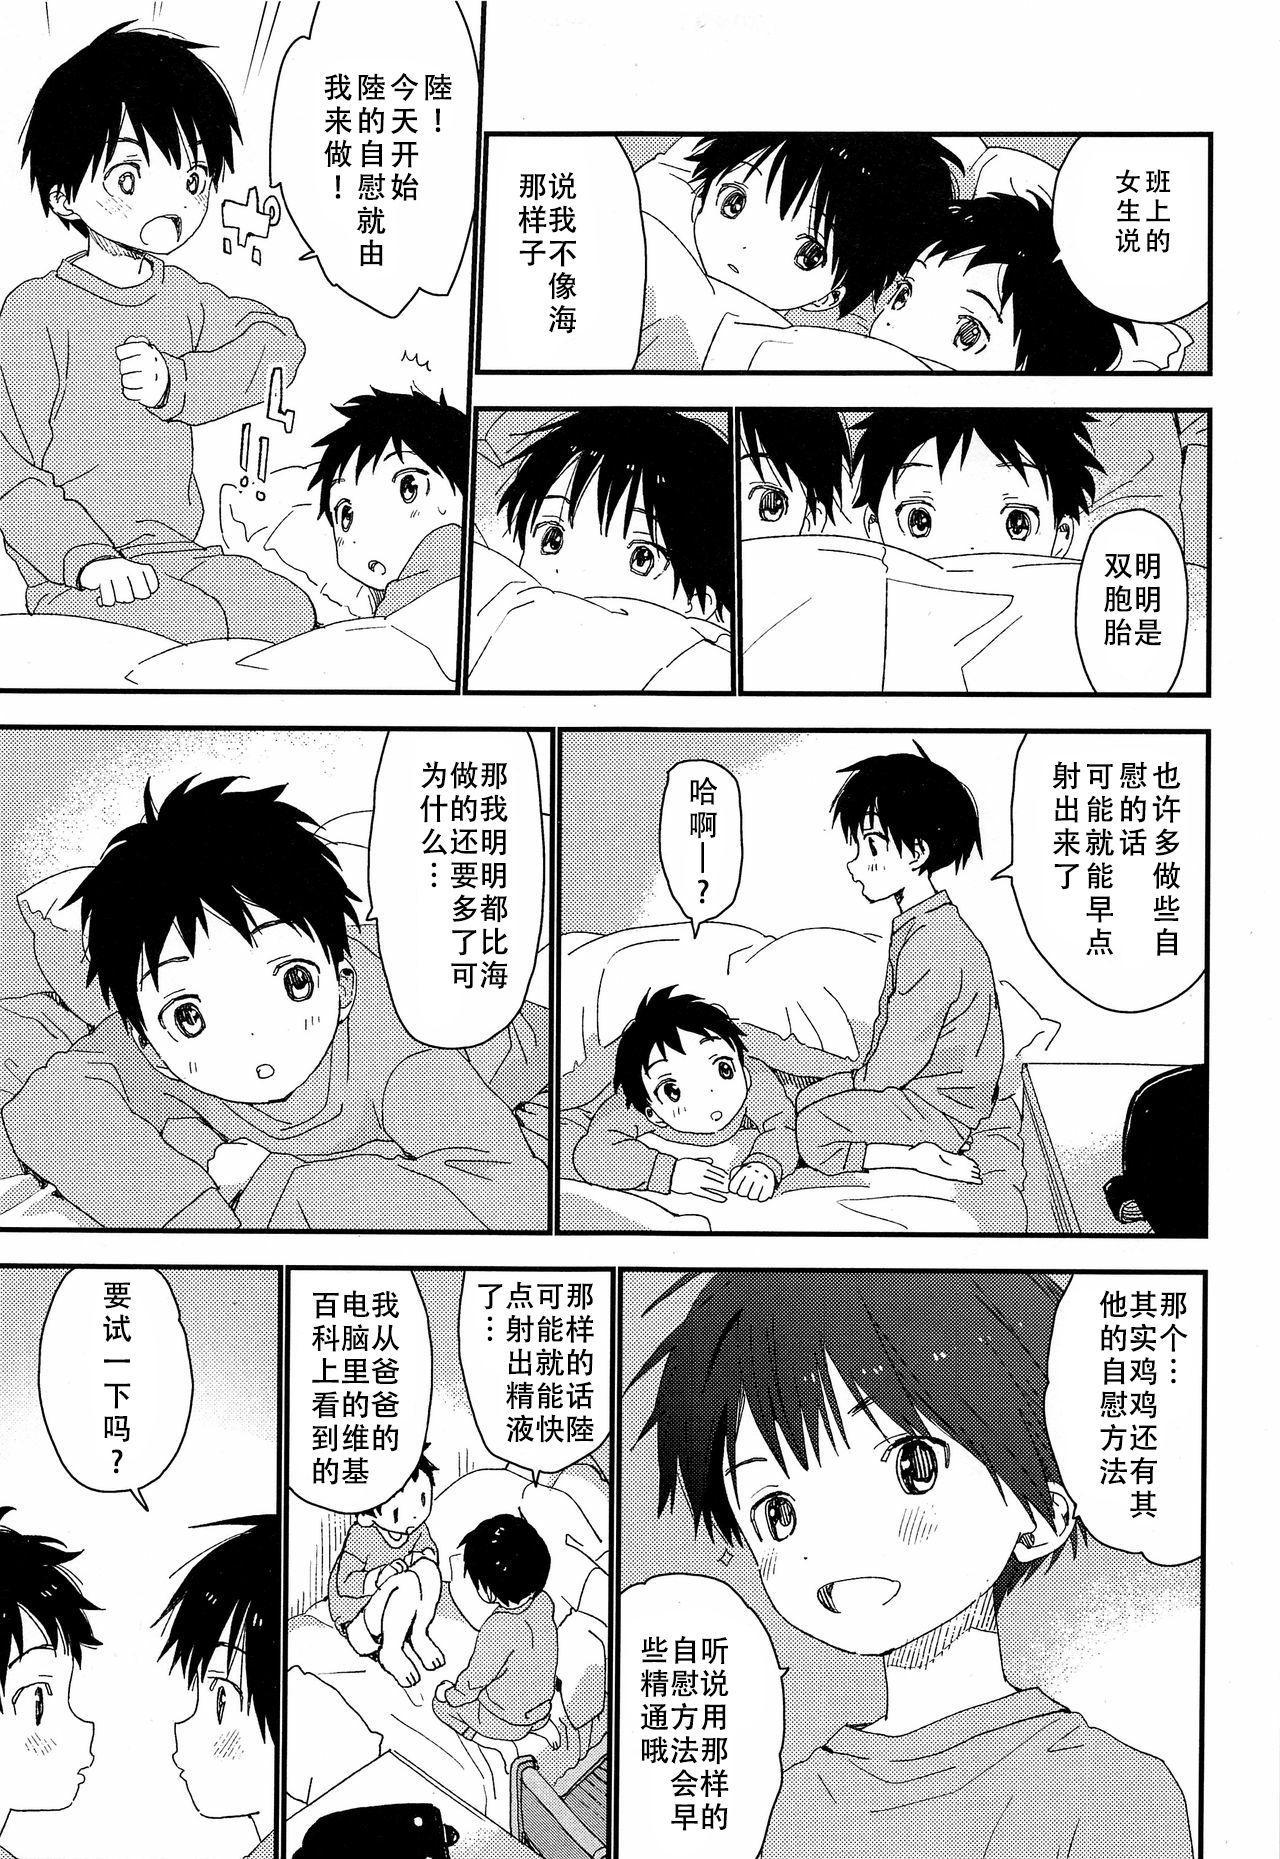 Futago-kun no Seitsuu Jijou 23